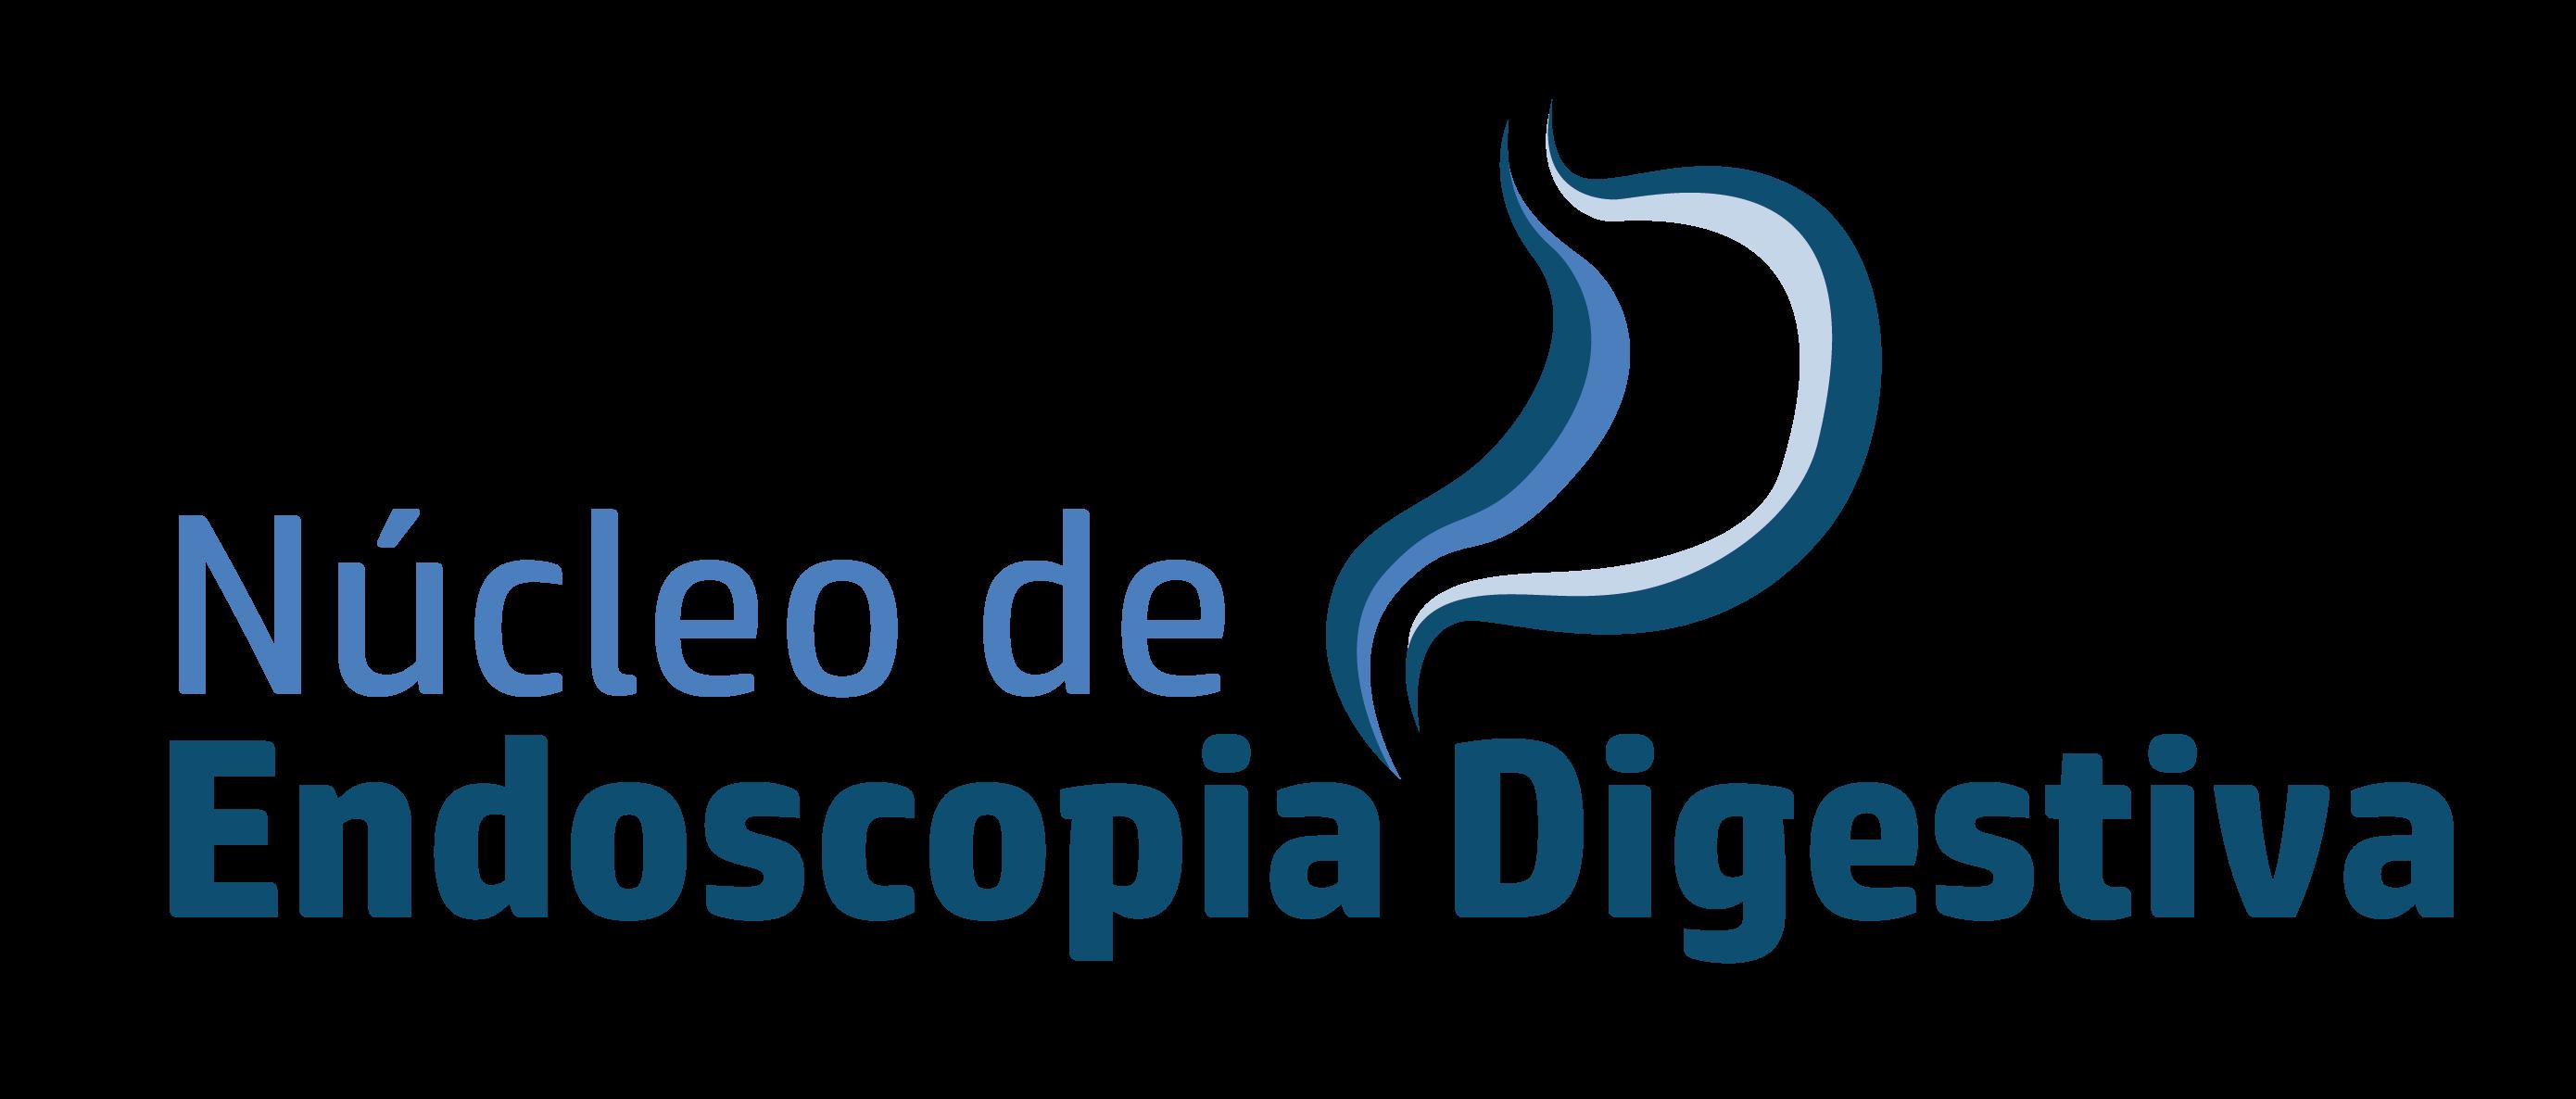 Núcleo de Endoscopia Digestiva